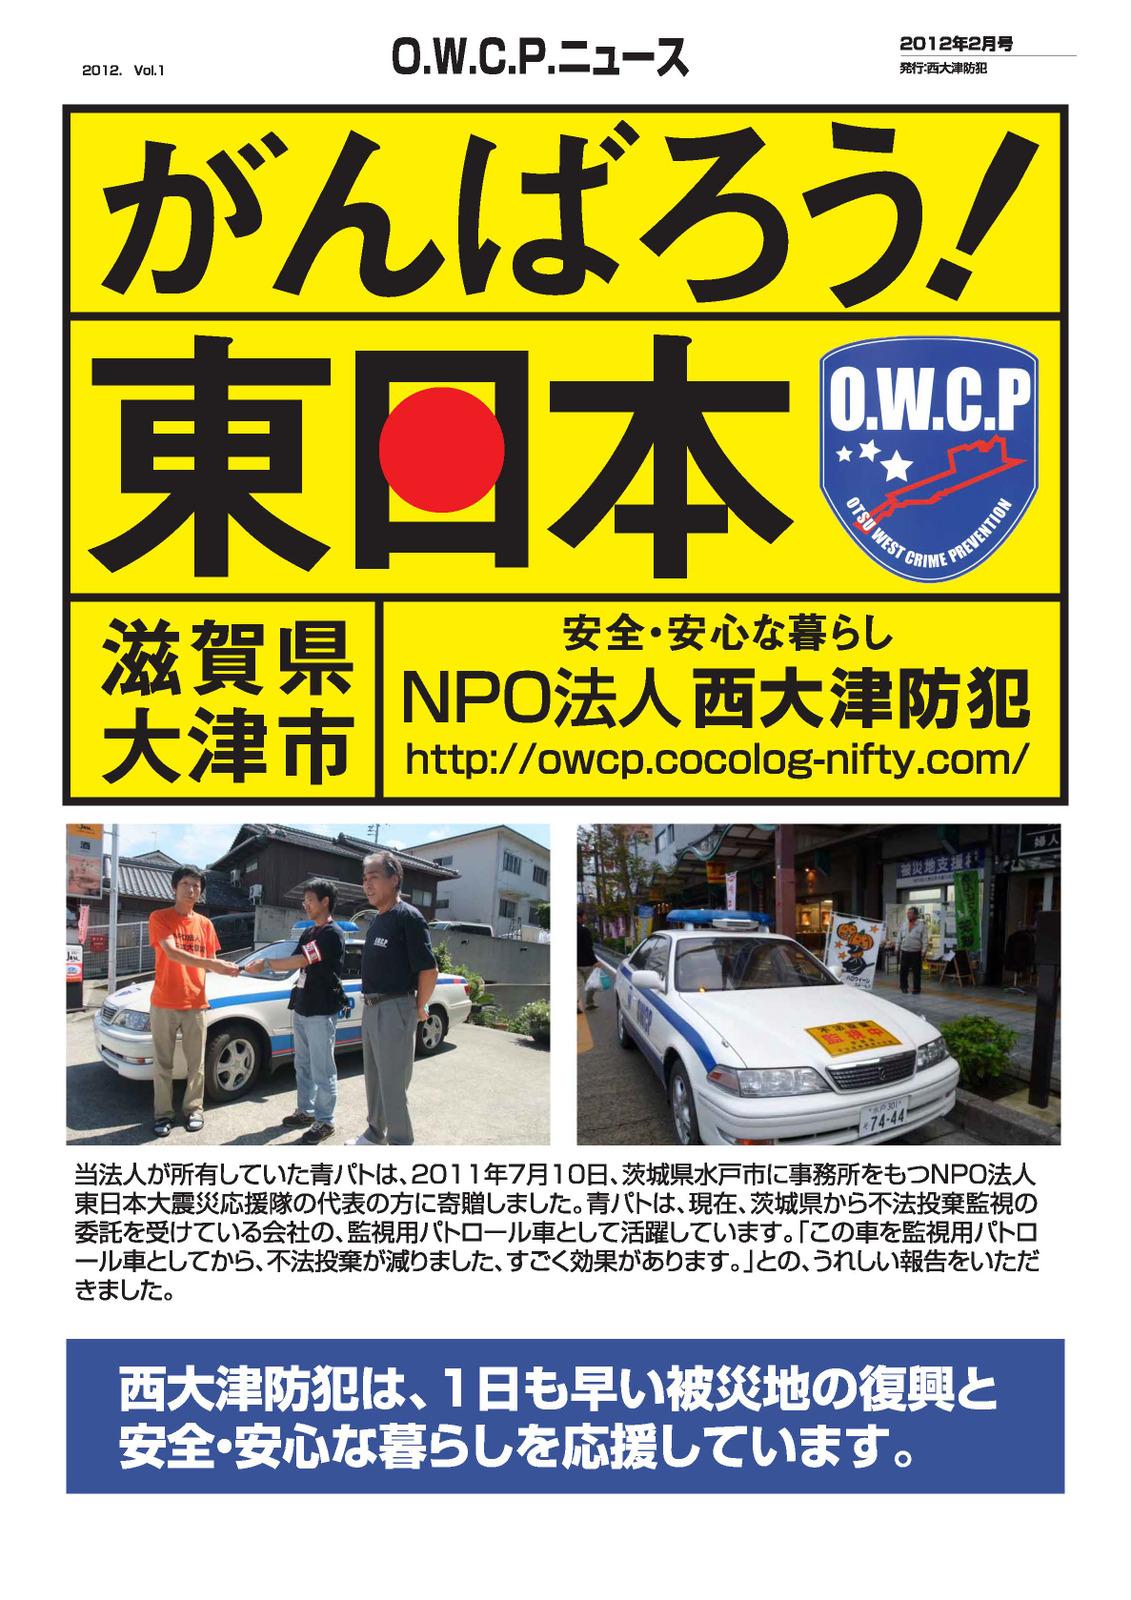 Owcp_news2012_1_a3_3